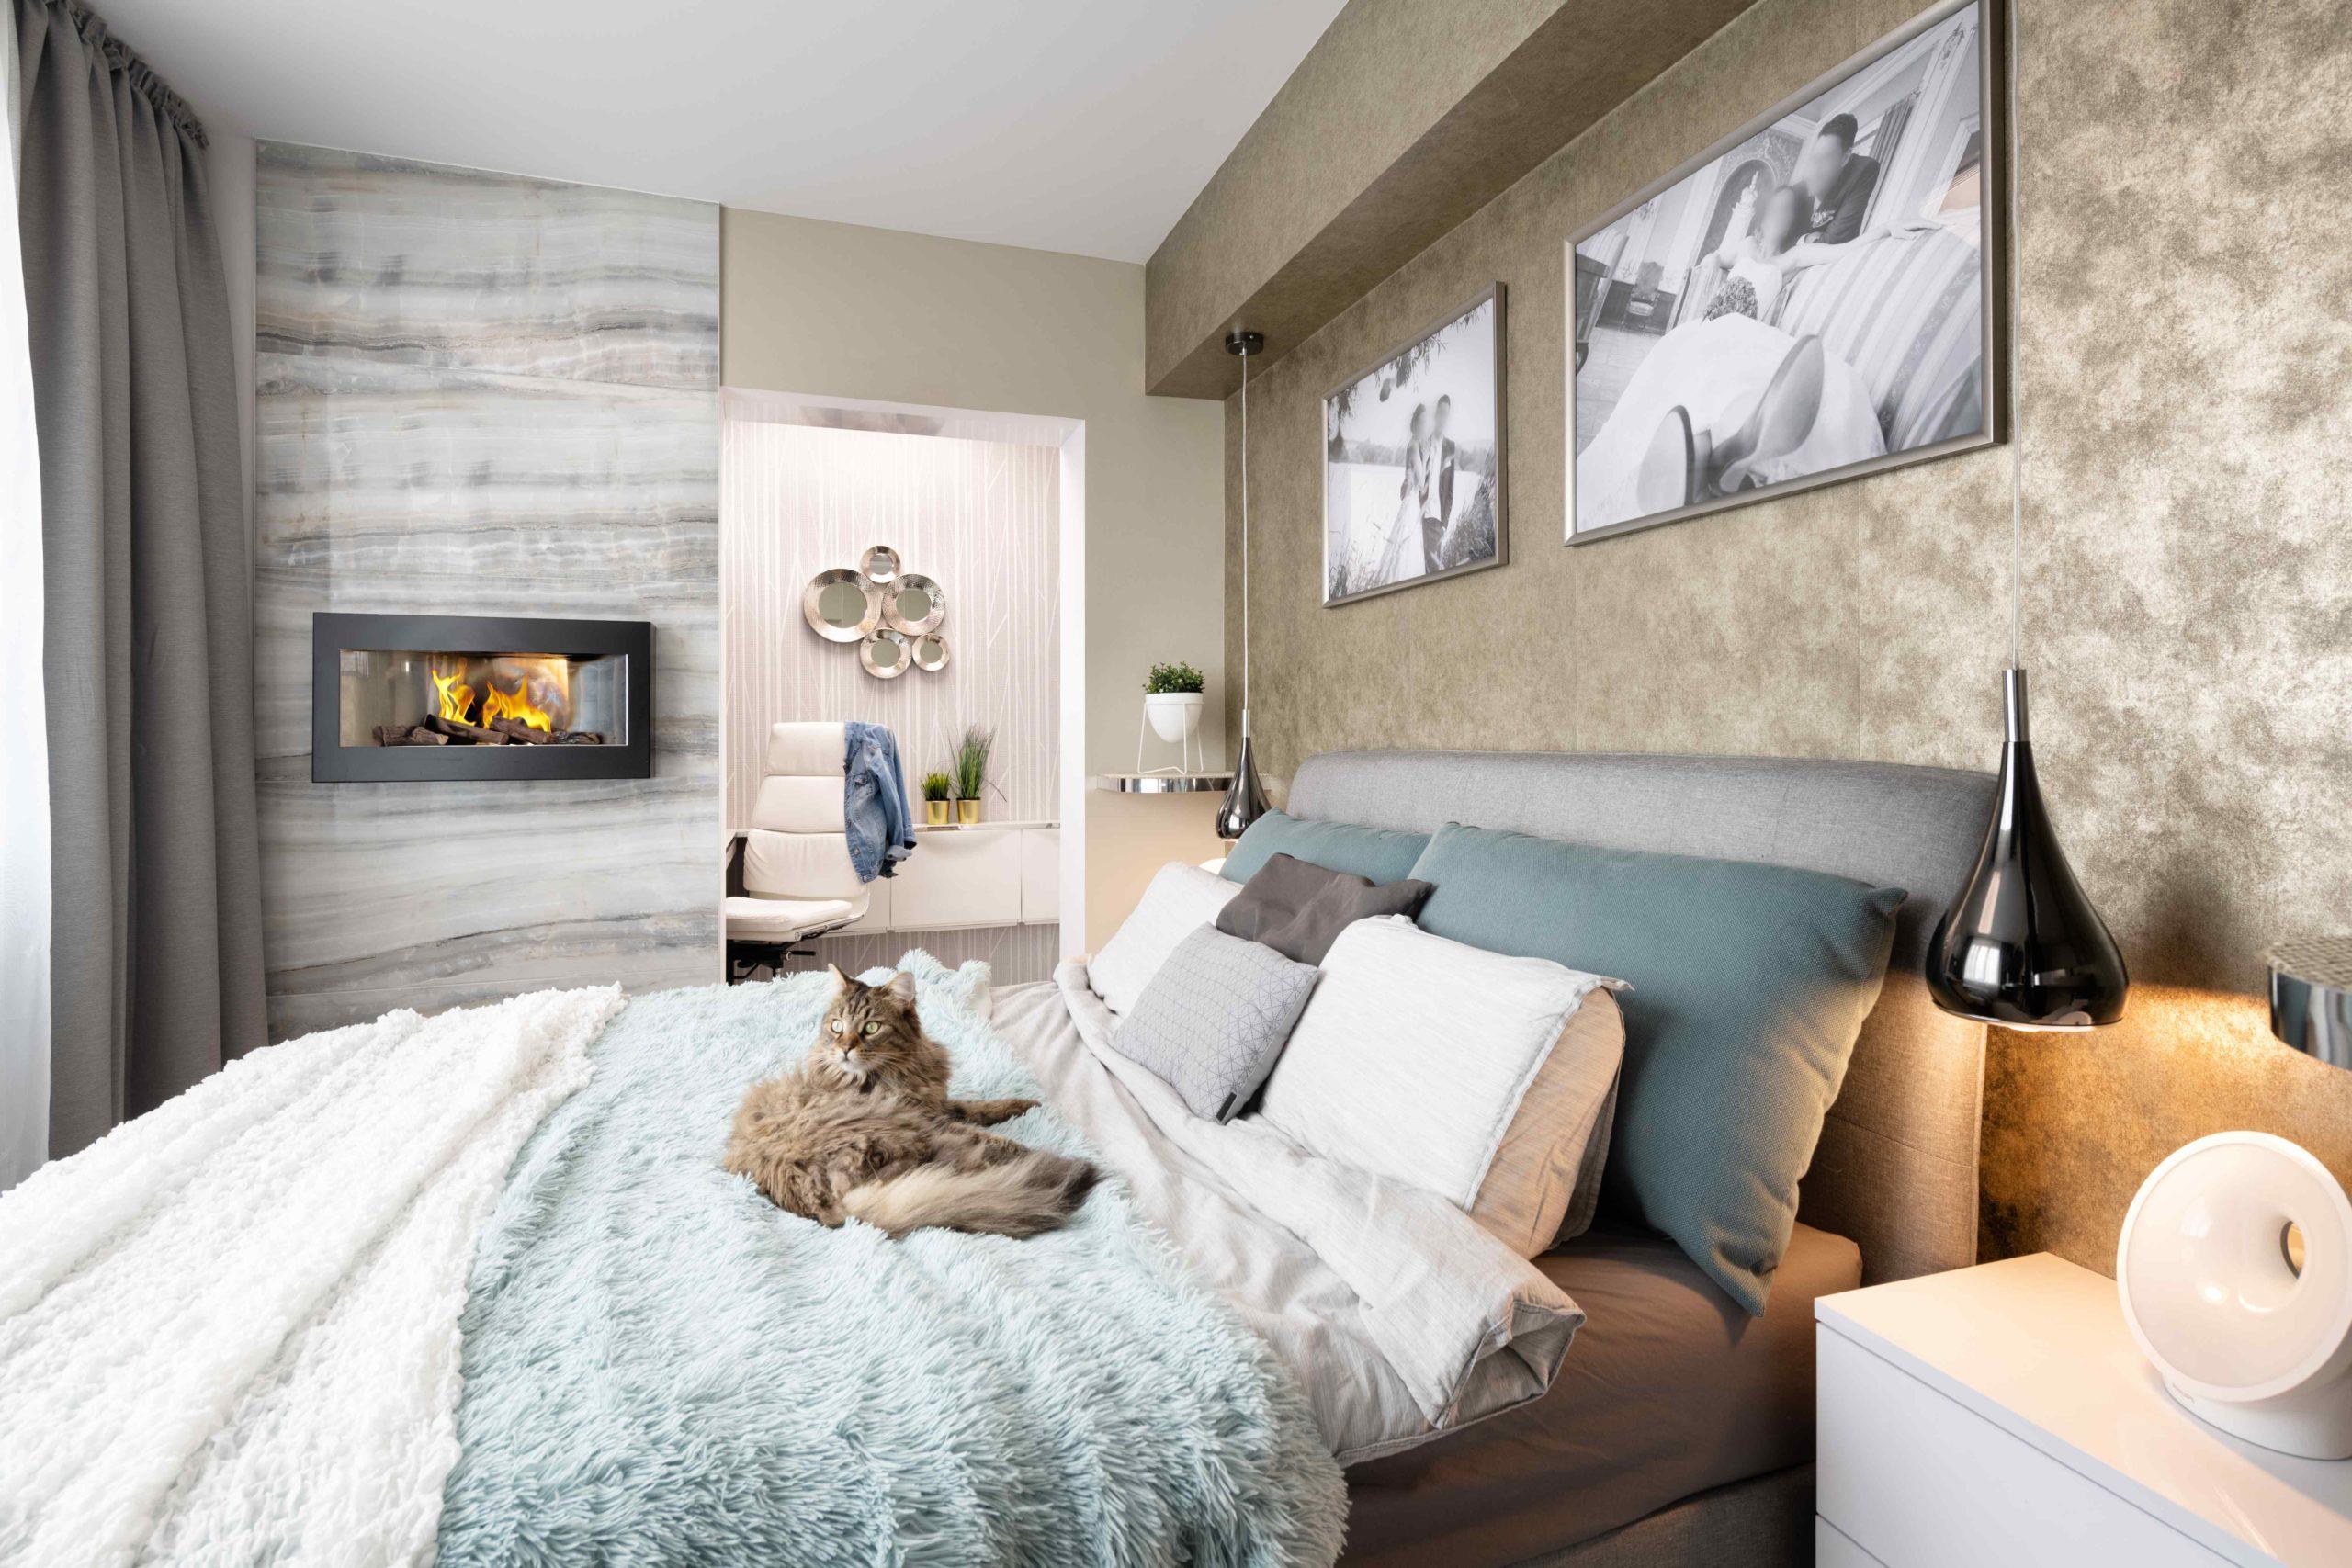 Utulná ložnice s krbem a kocourem na posteli